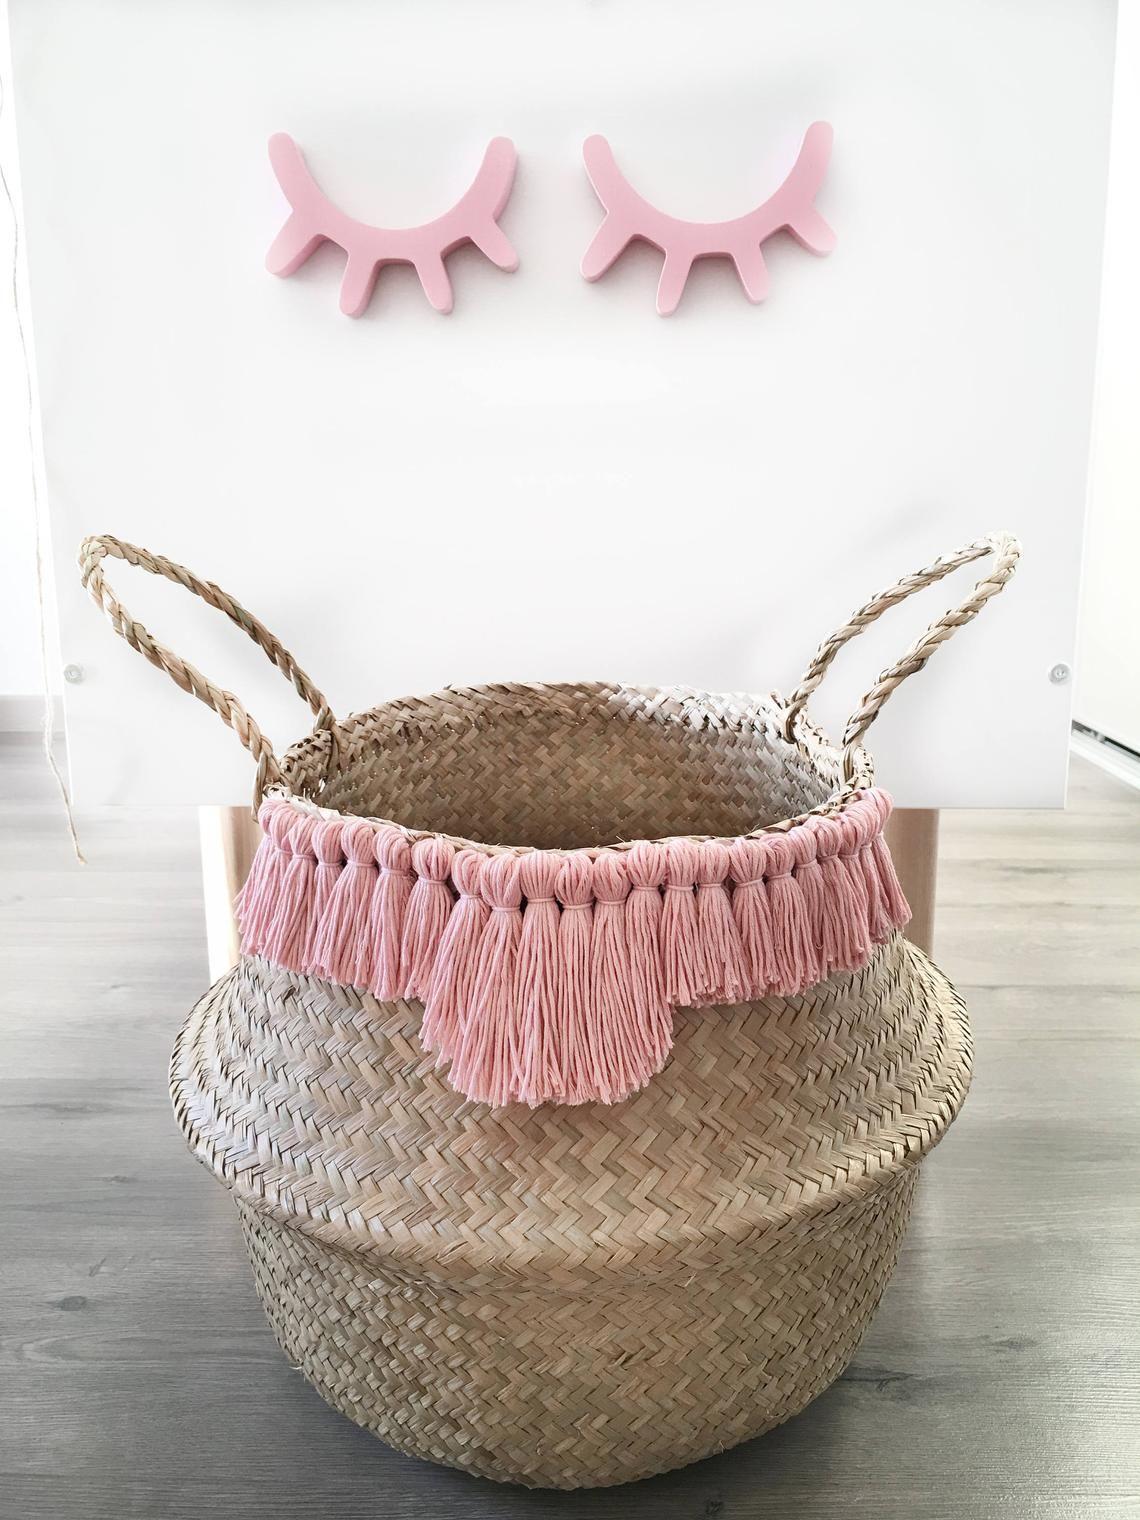 The bohemian basket